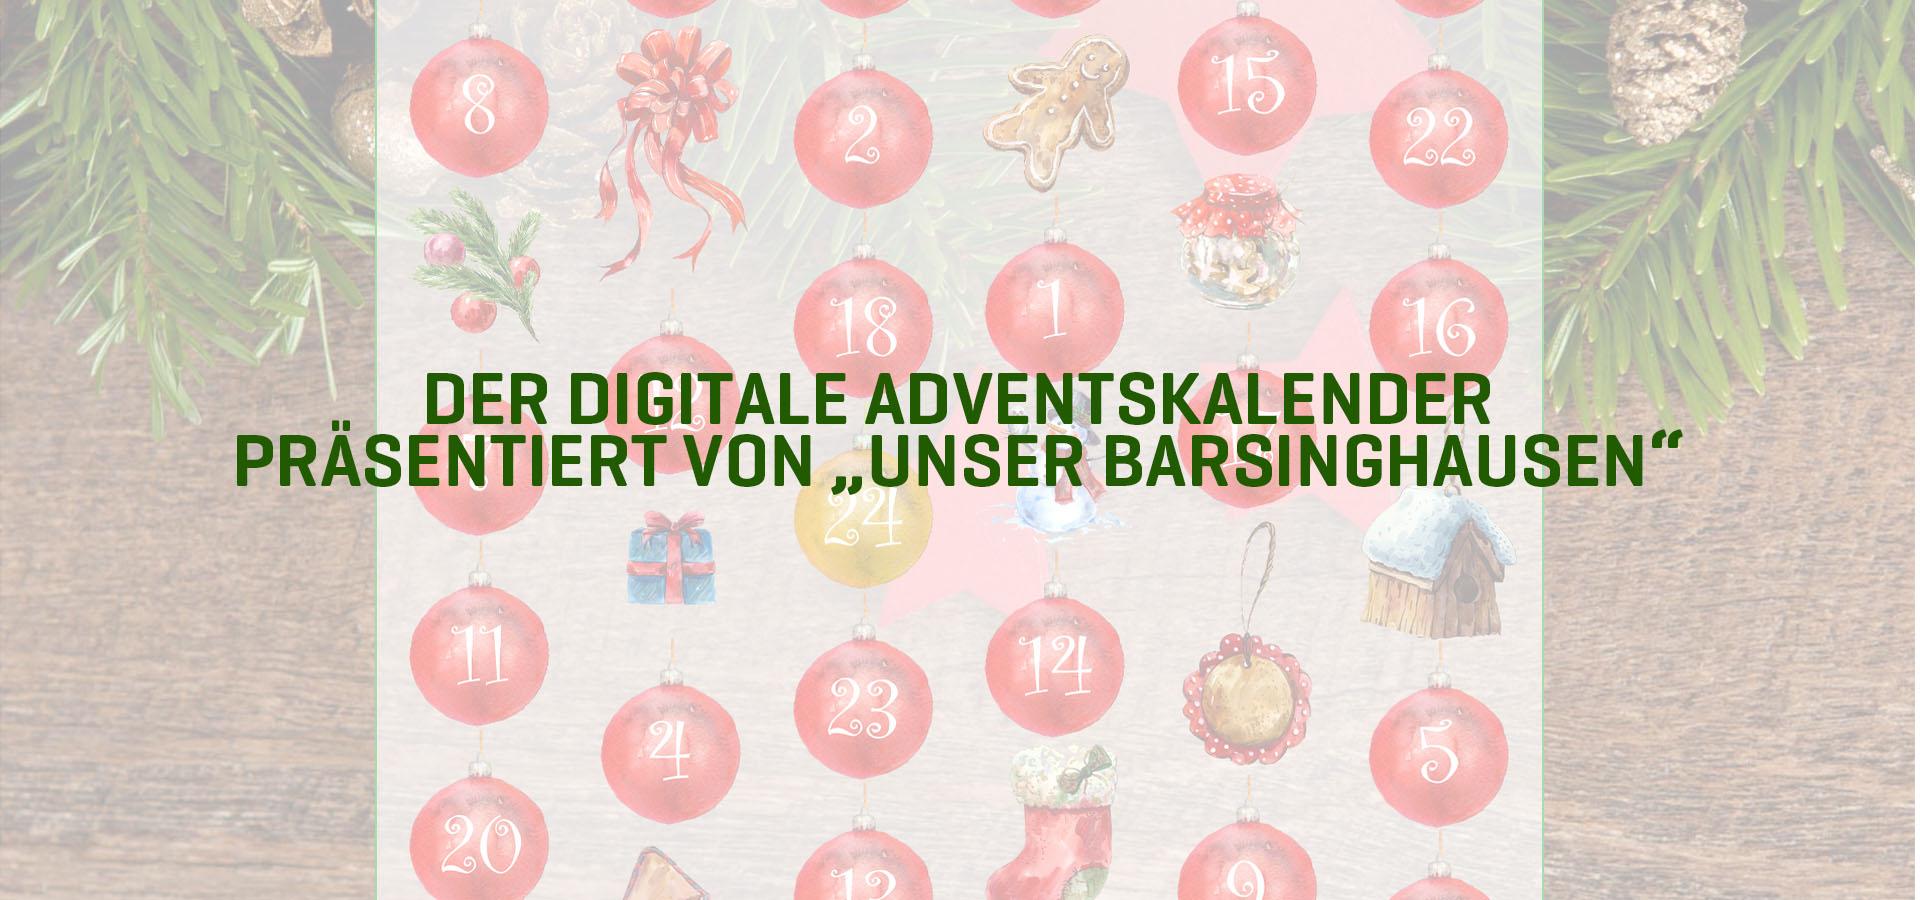 digitaleradventskalender